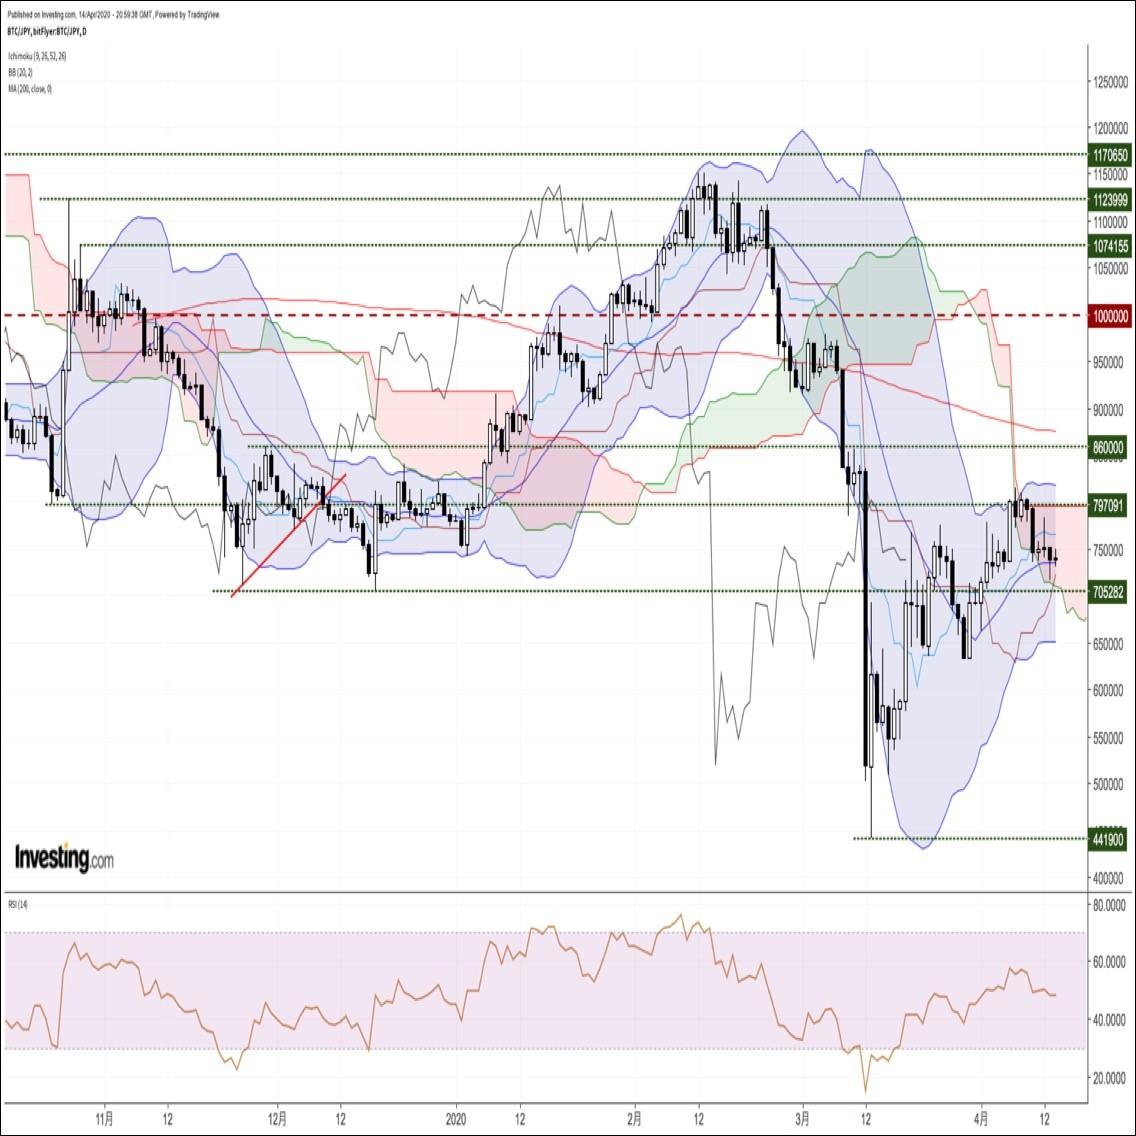 ビットコイン円、ショートカバー主導で反発するも戻りは鈍い。一巡後の反落に要警戒(4/15朝)